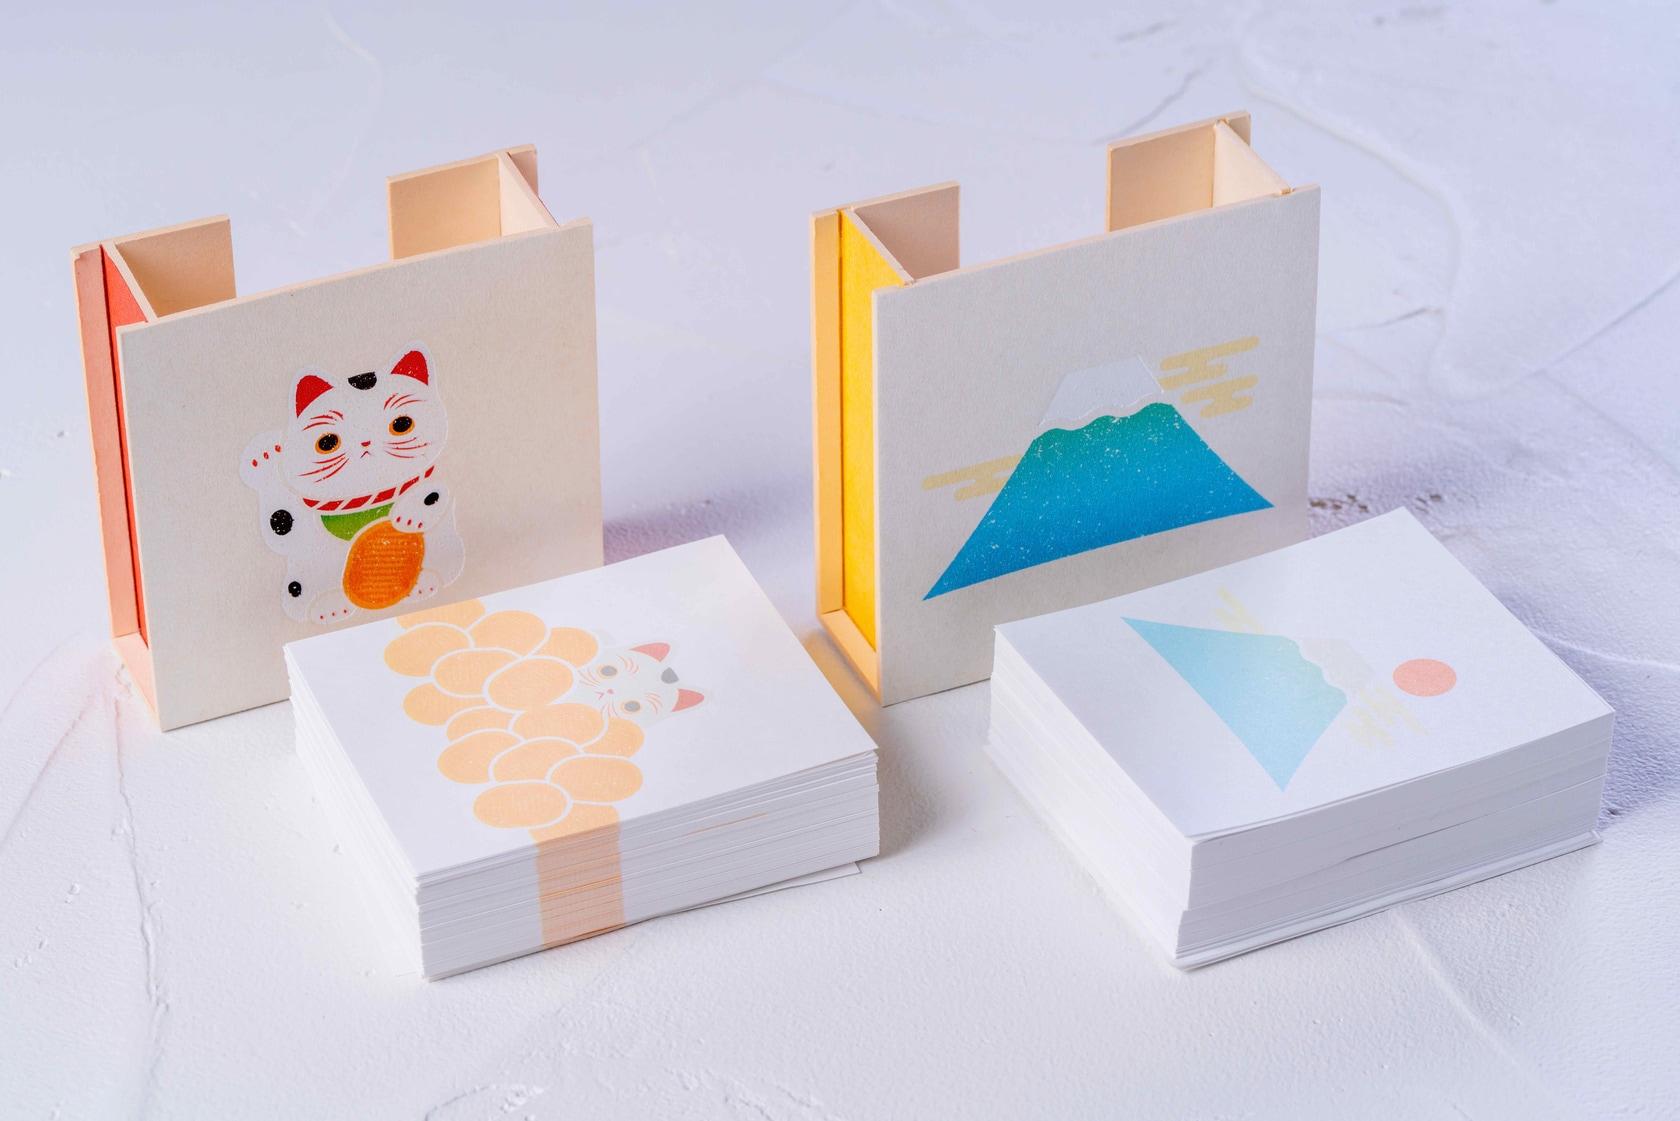 招き猫と富士山がデザインされたモリタの紙箱のメモパッド